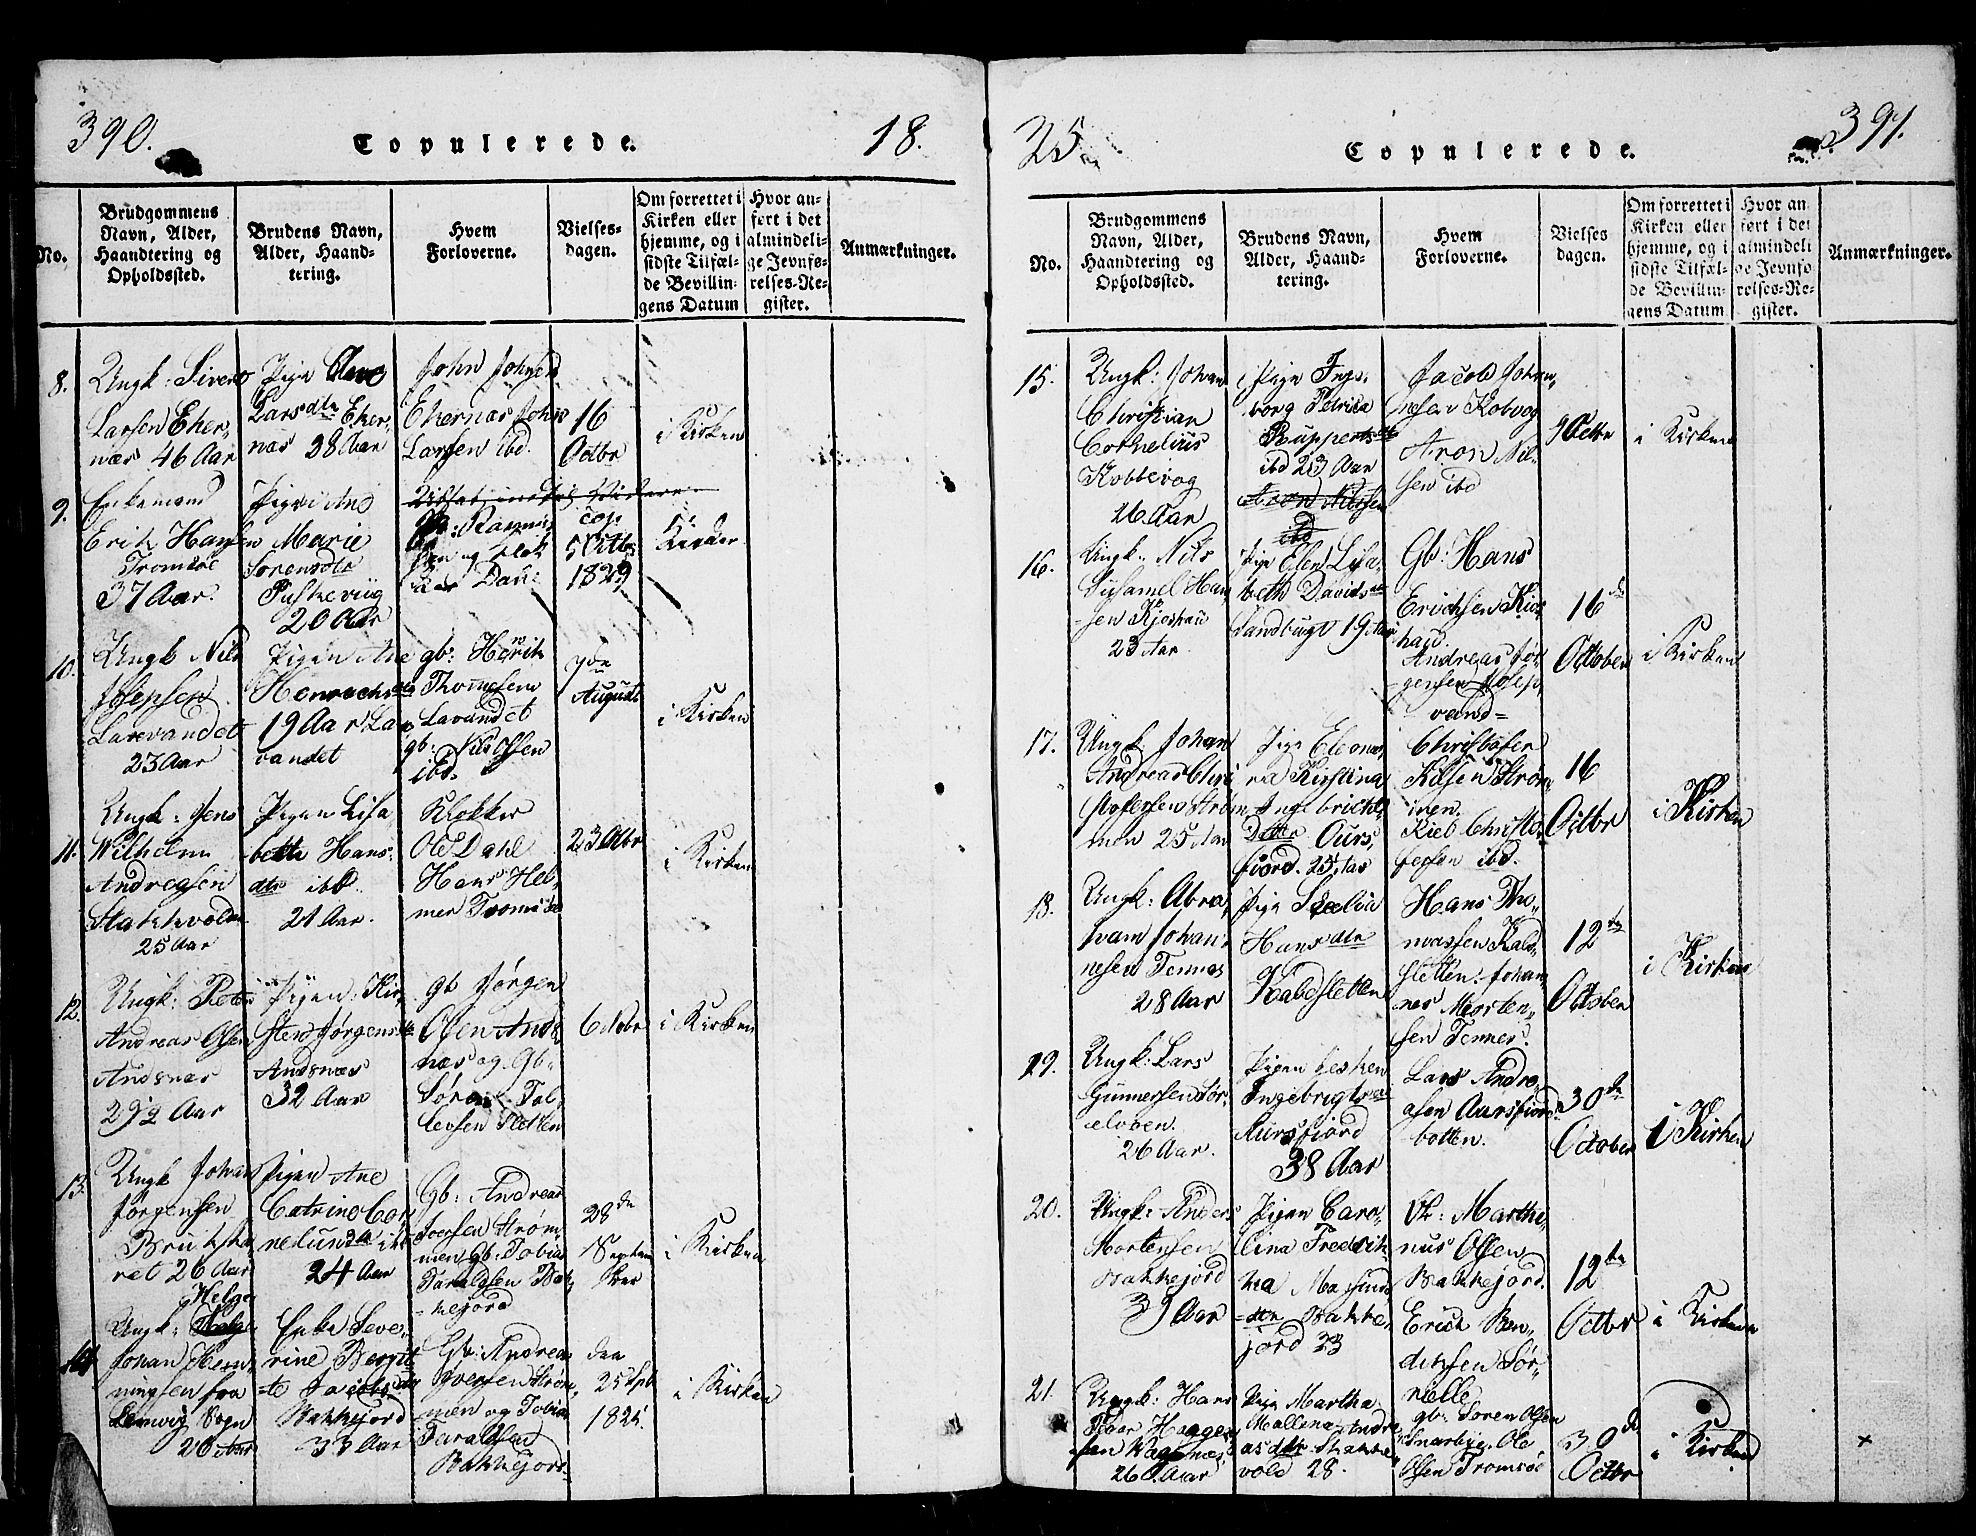 SATØ, Tromsø sokneprestkontor/stiftsprosti/domprosti, G/Ga/L0007kirke: Ministerialbok nr. 7, 1821-1828, s. 390-391